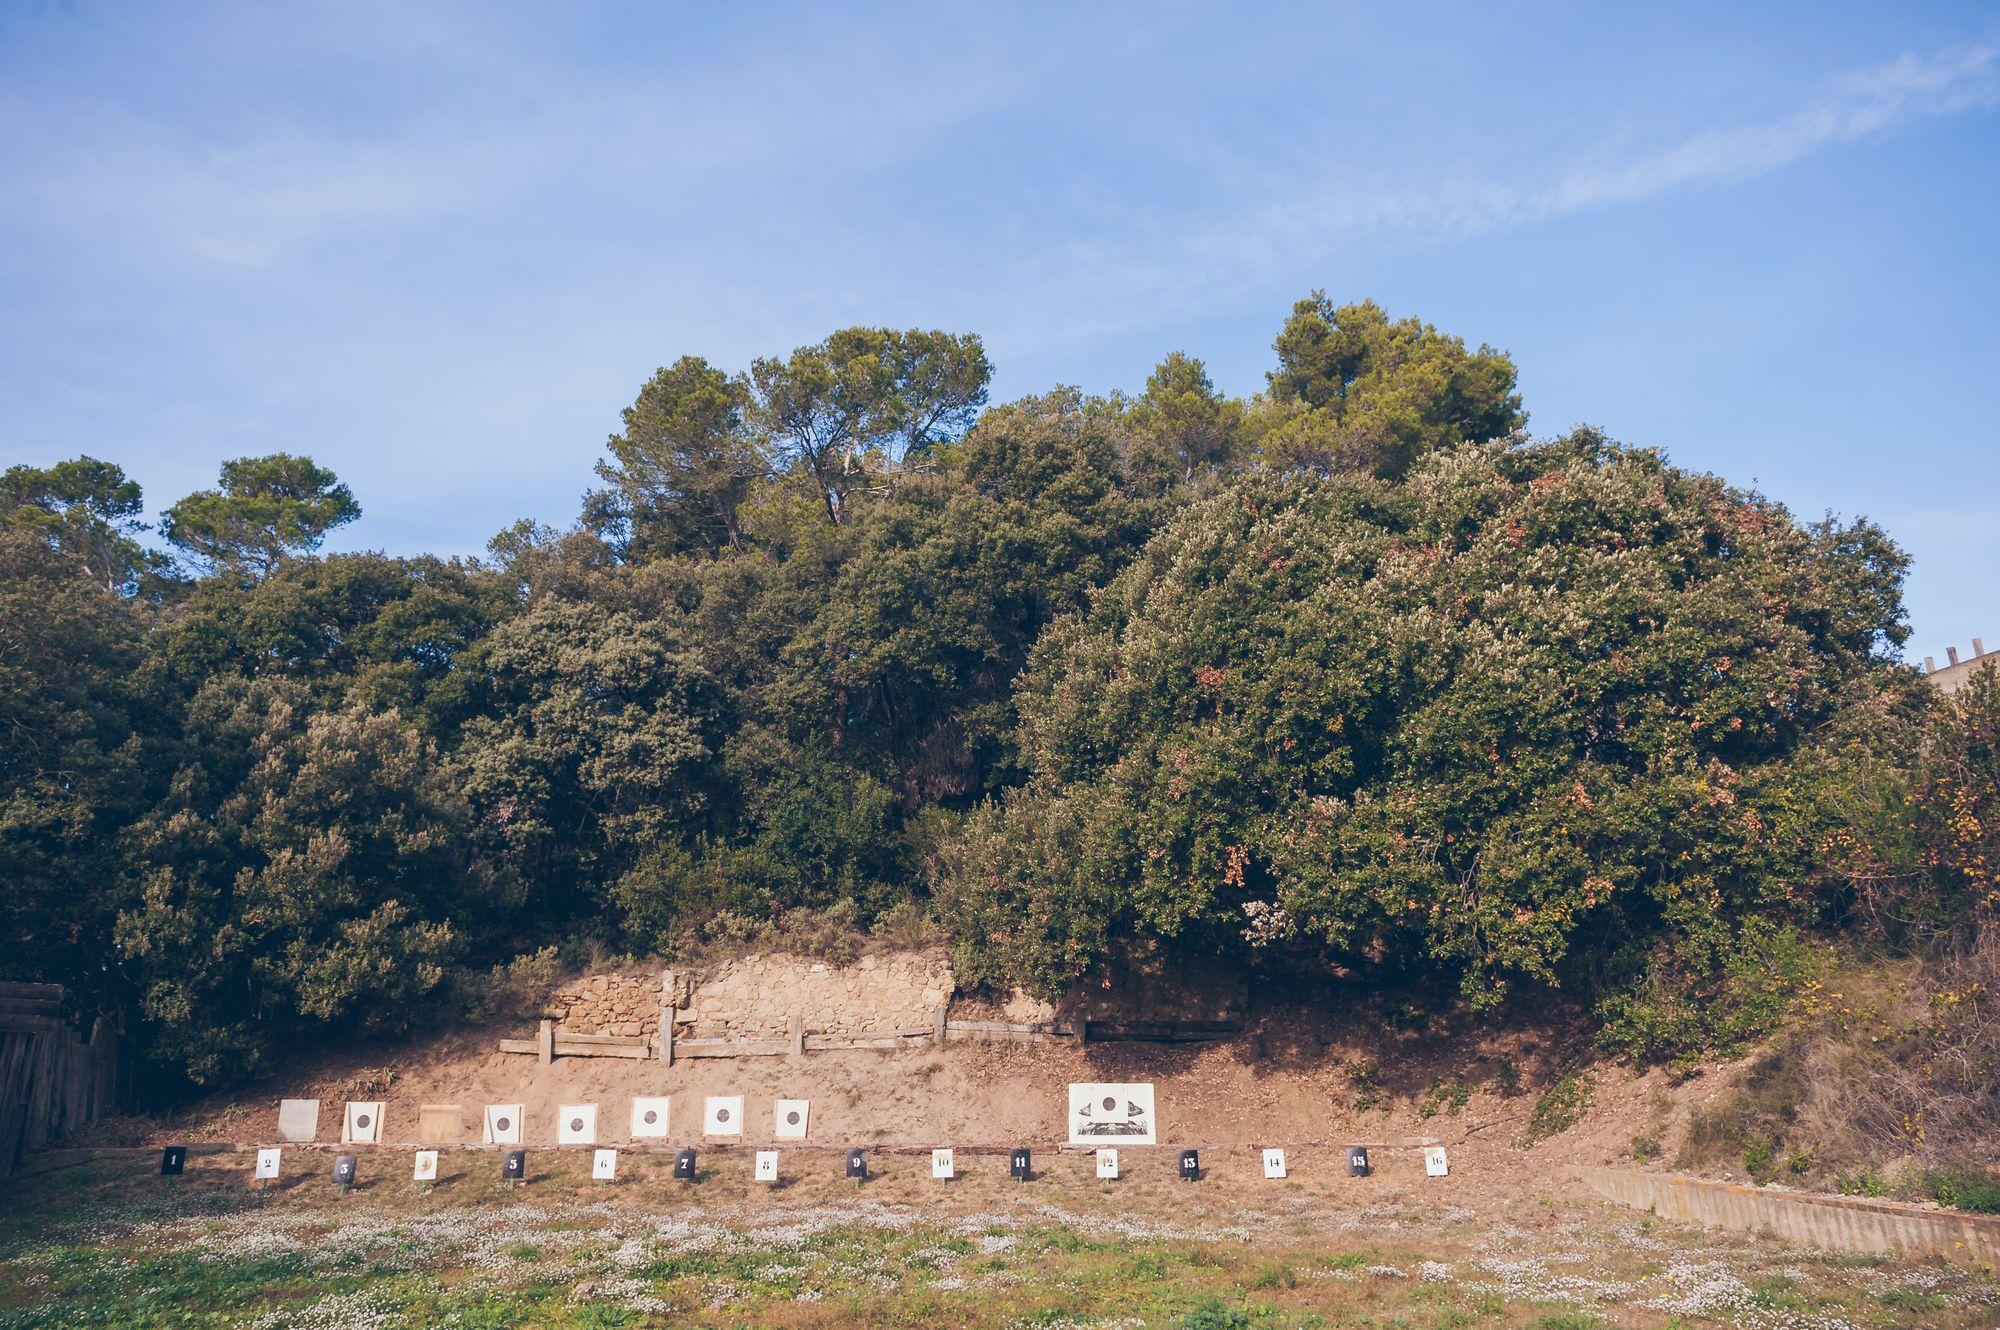 Tir esportiu Mataró